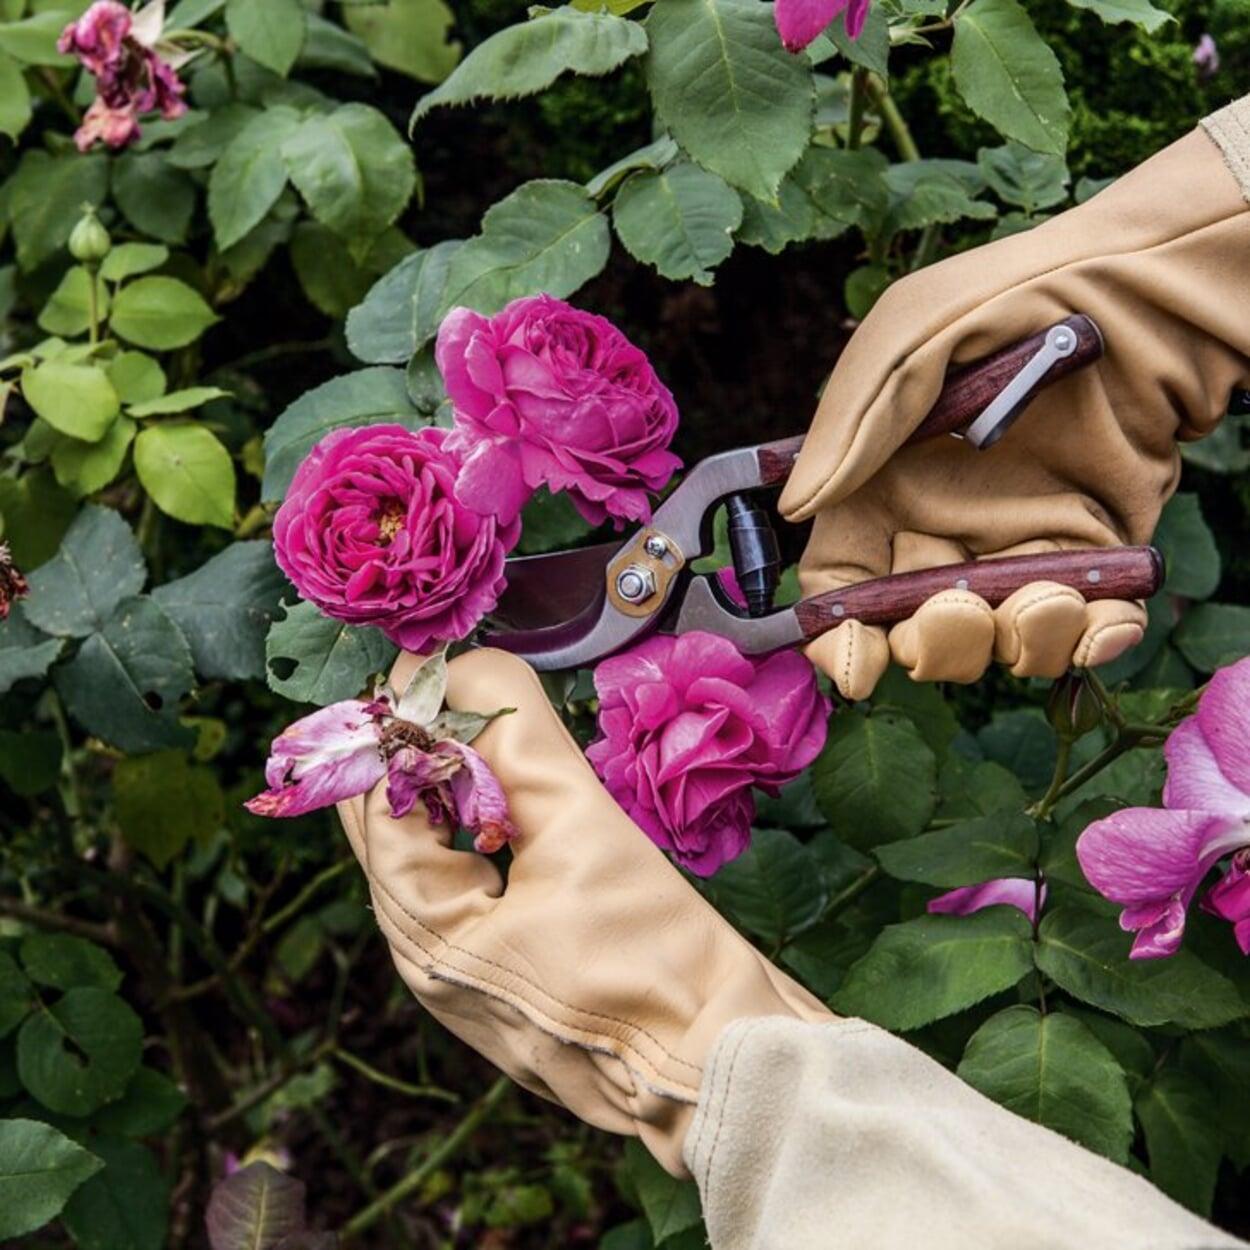 Verblühtes bei Rosen herausschneiden